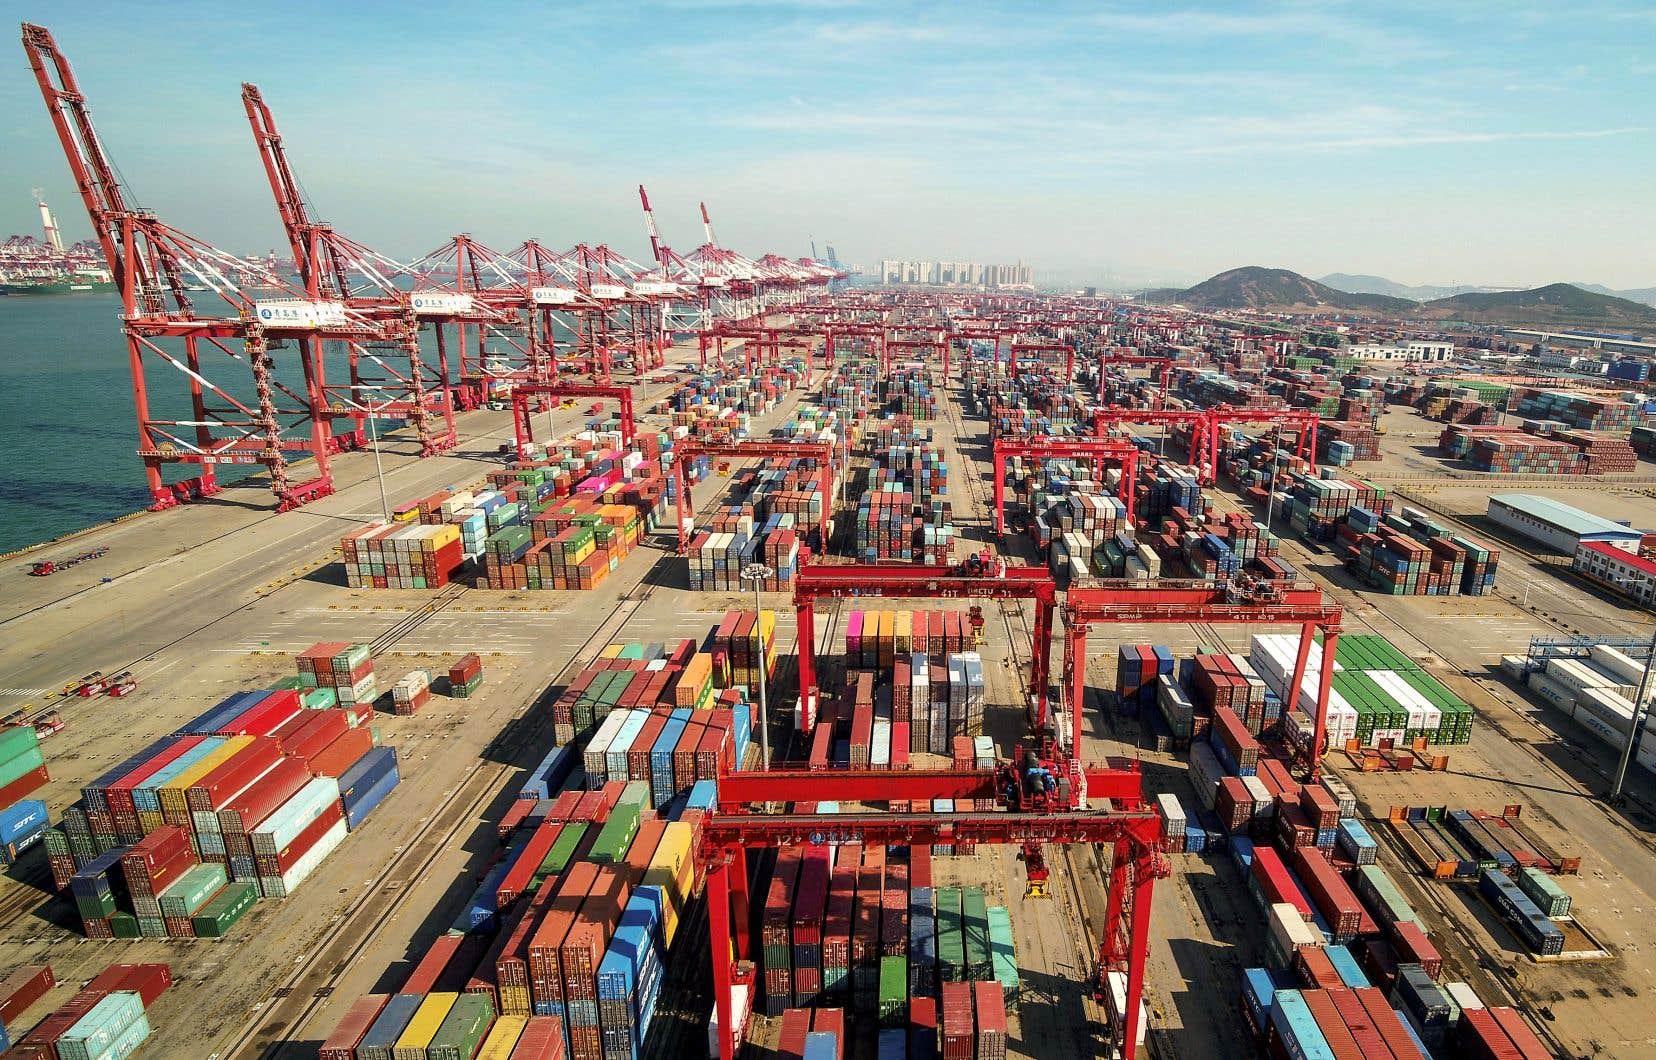 L'opposition commerciale entre les États-Unis et la Chine n'est que le début d'un fractionnement de l'économie mondiale.